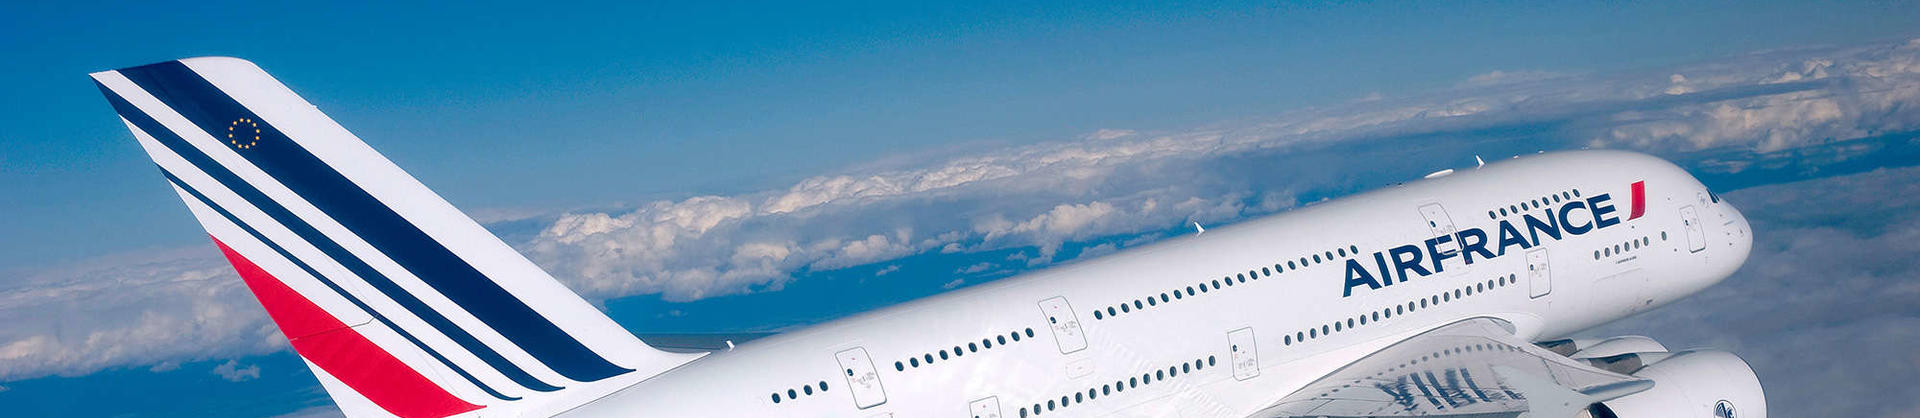 Air France A380 aircraft in the air